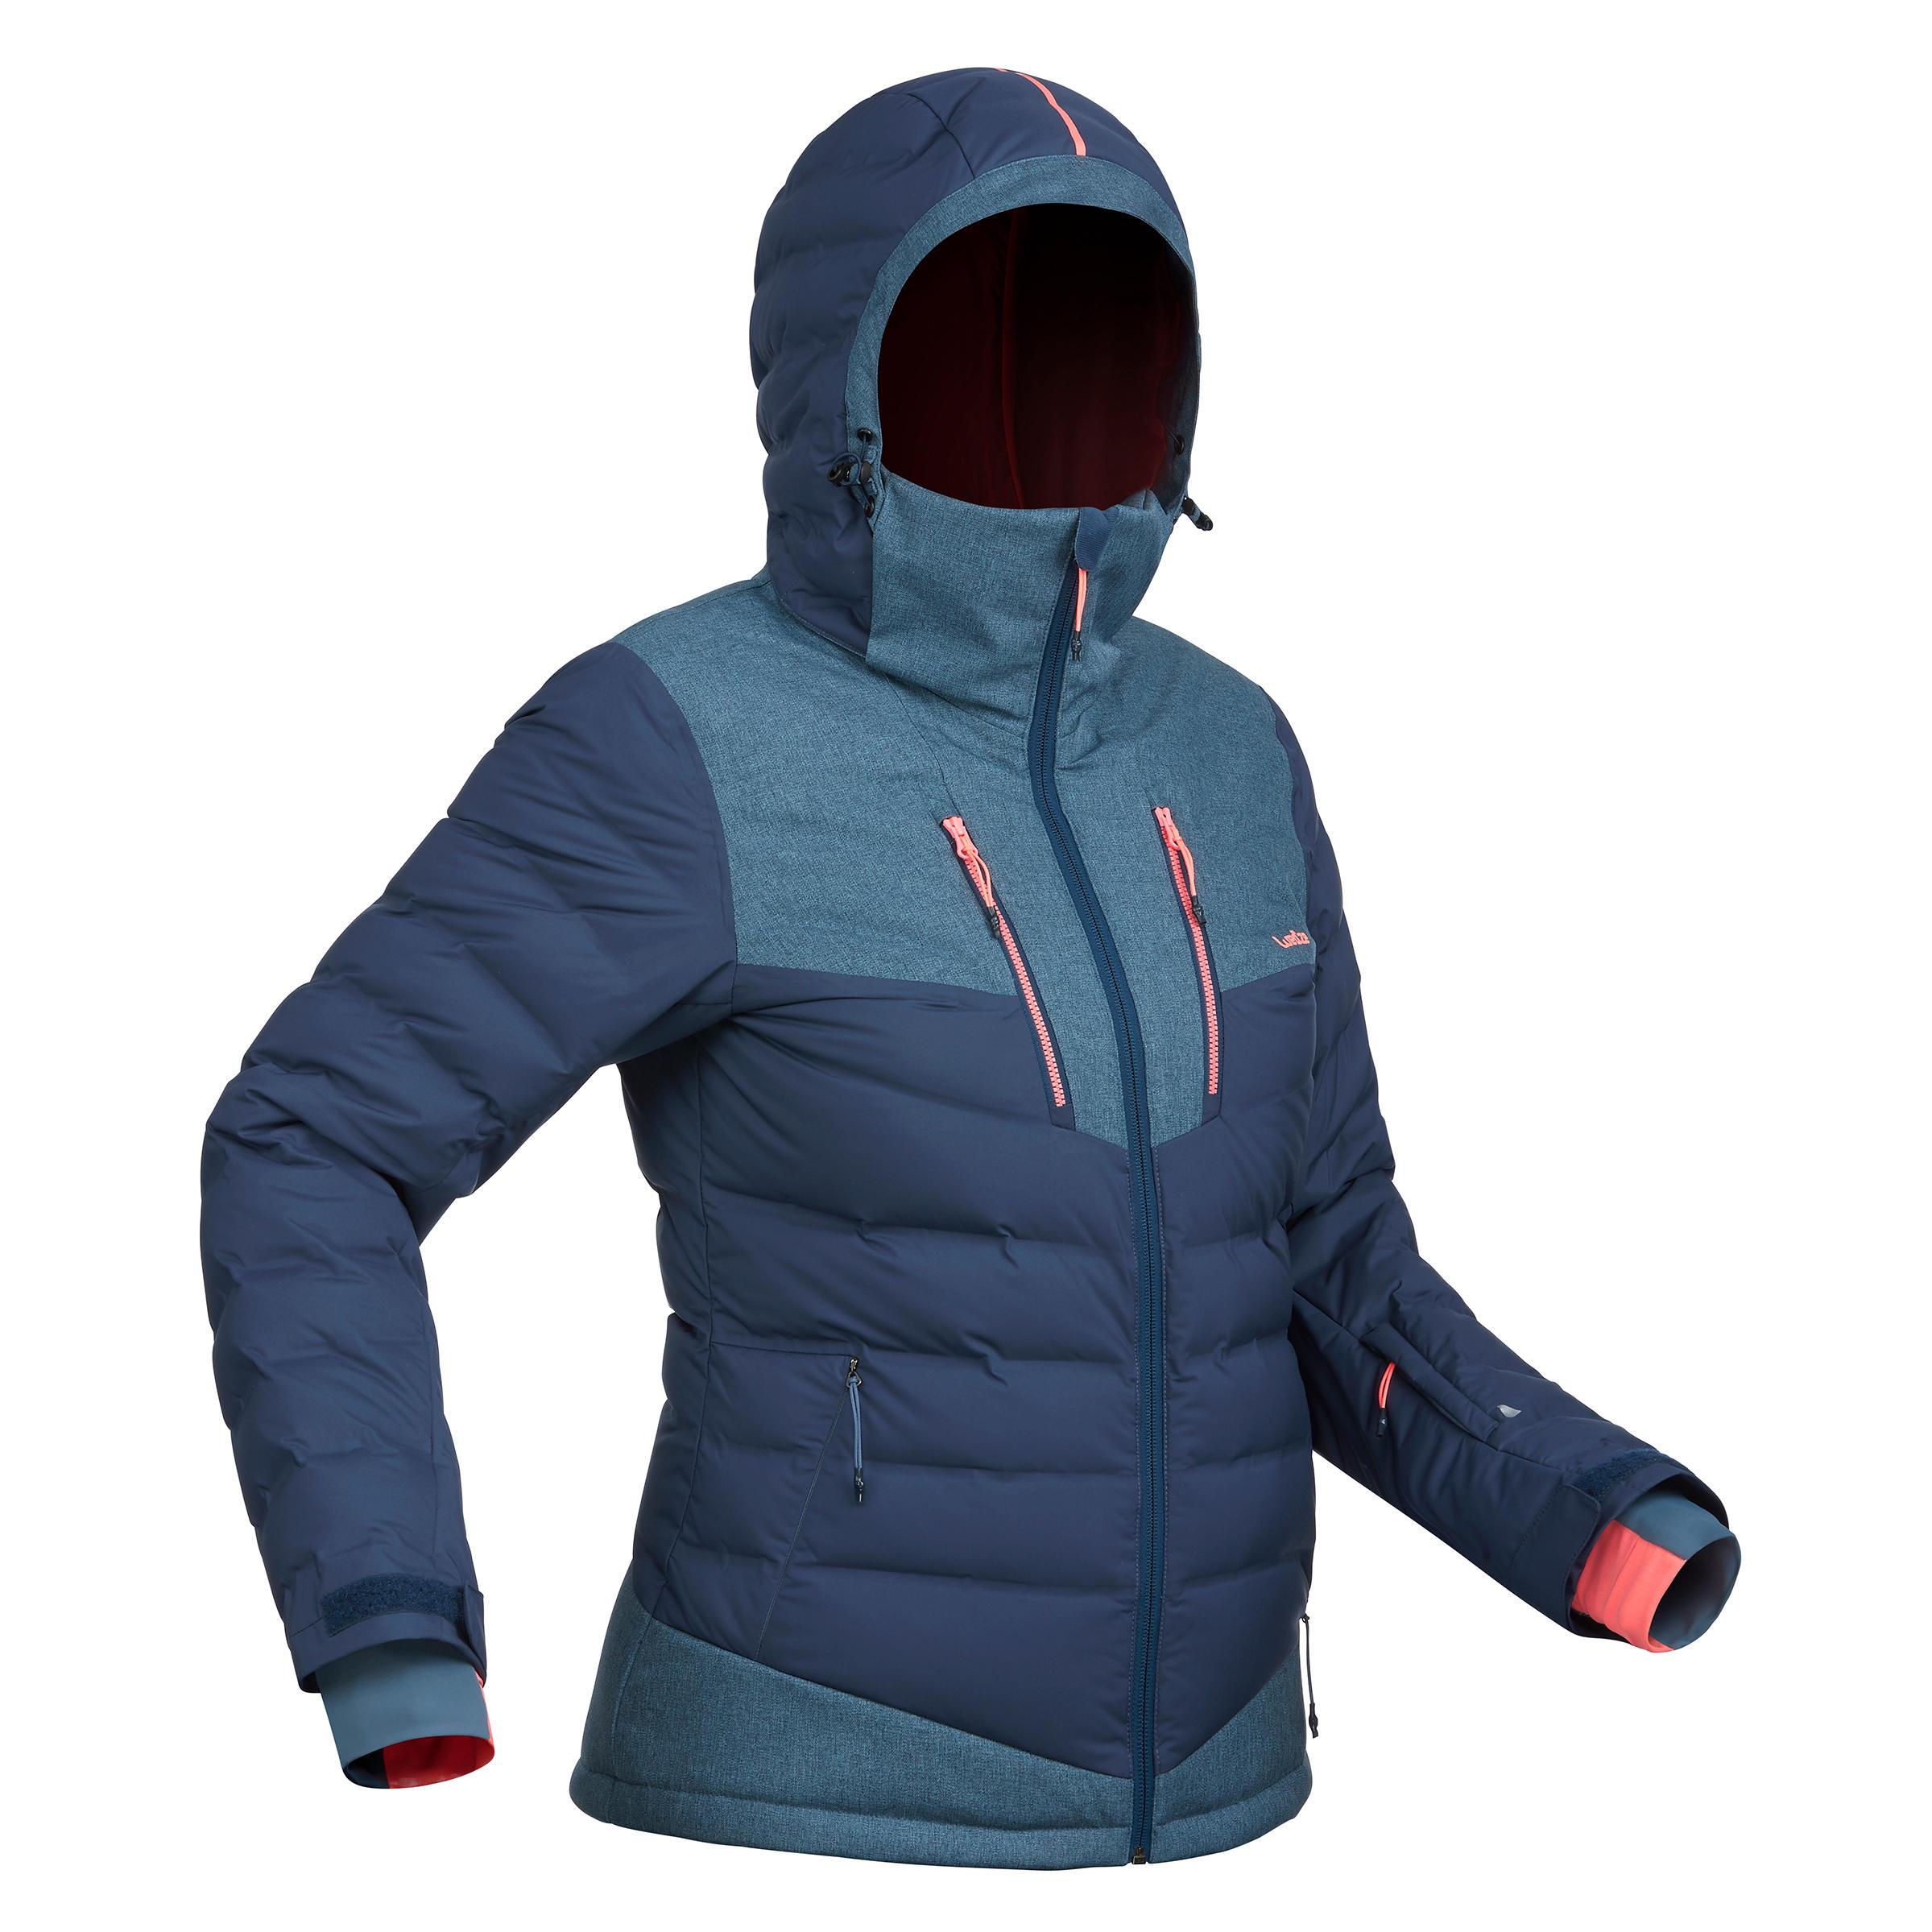 33b80758043 Comprar Ropa de Esquí online